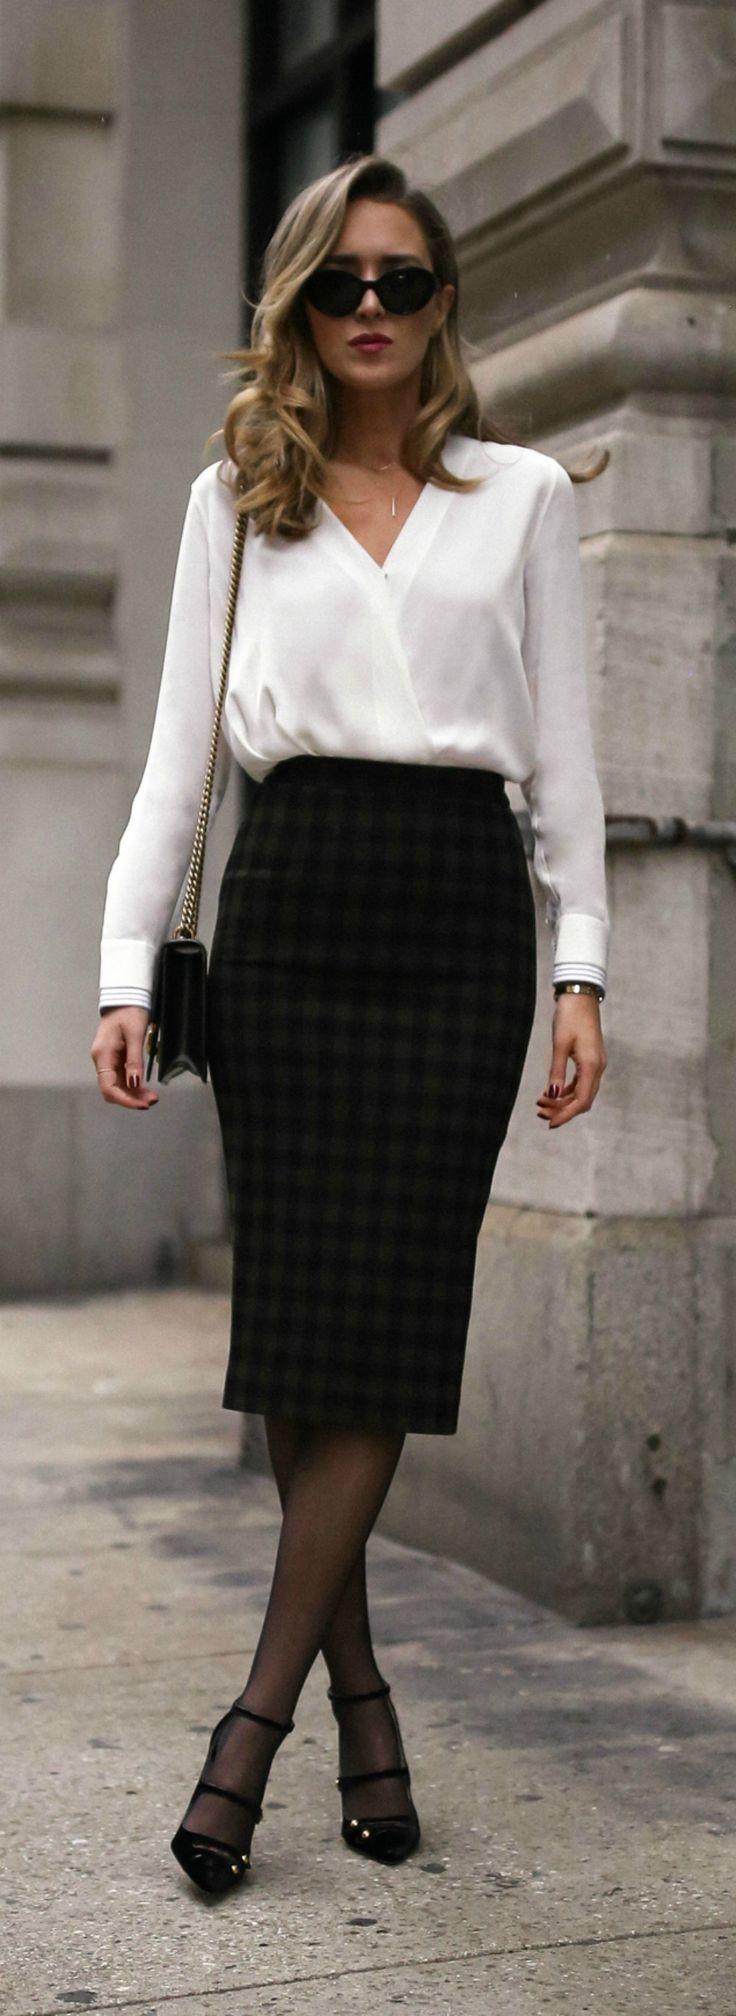 Klick für Outfit-Details! Klassische weiße Bluse, karierter Midirock, schwarzes Riemchen